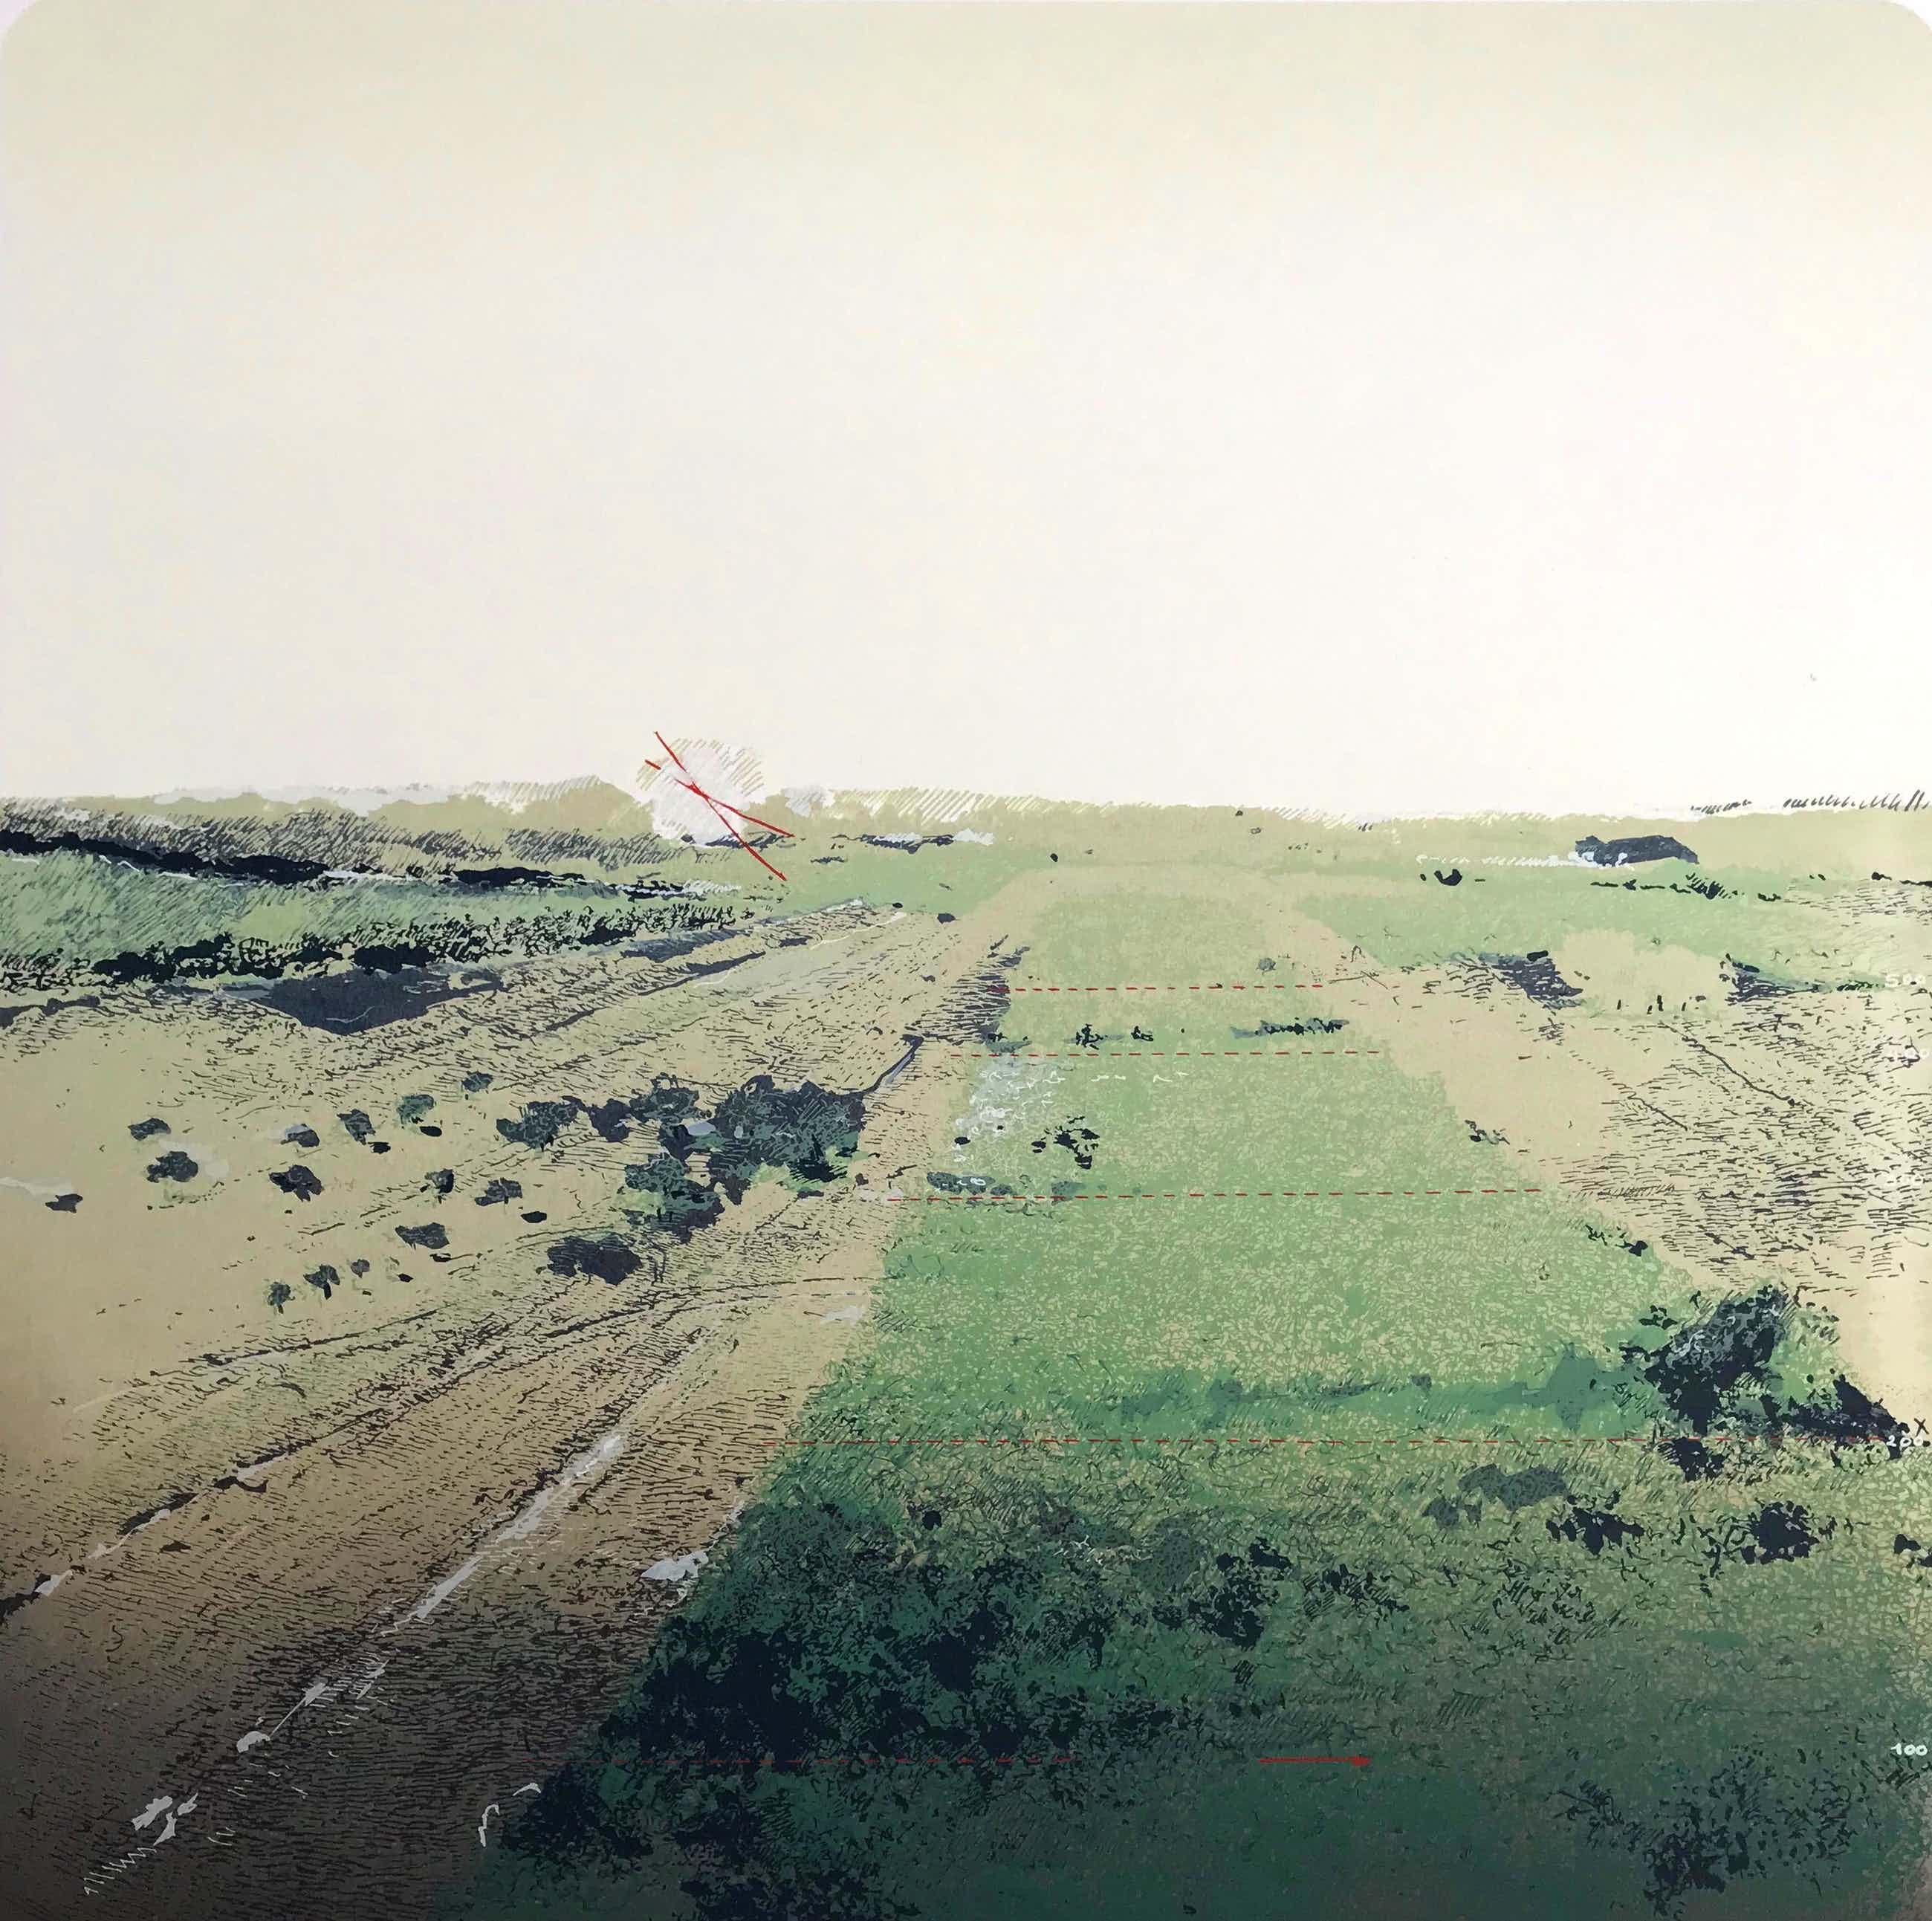 Martin R. Baeyens - West Part of Trees - Gesigneerde zeefdruk - 10/100 - 1981 kopen? Bied vanaf 75!